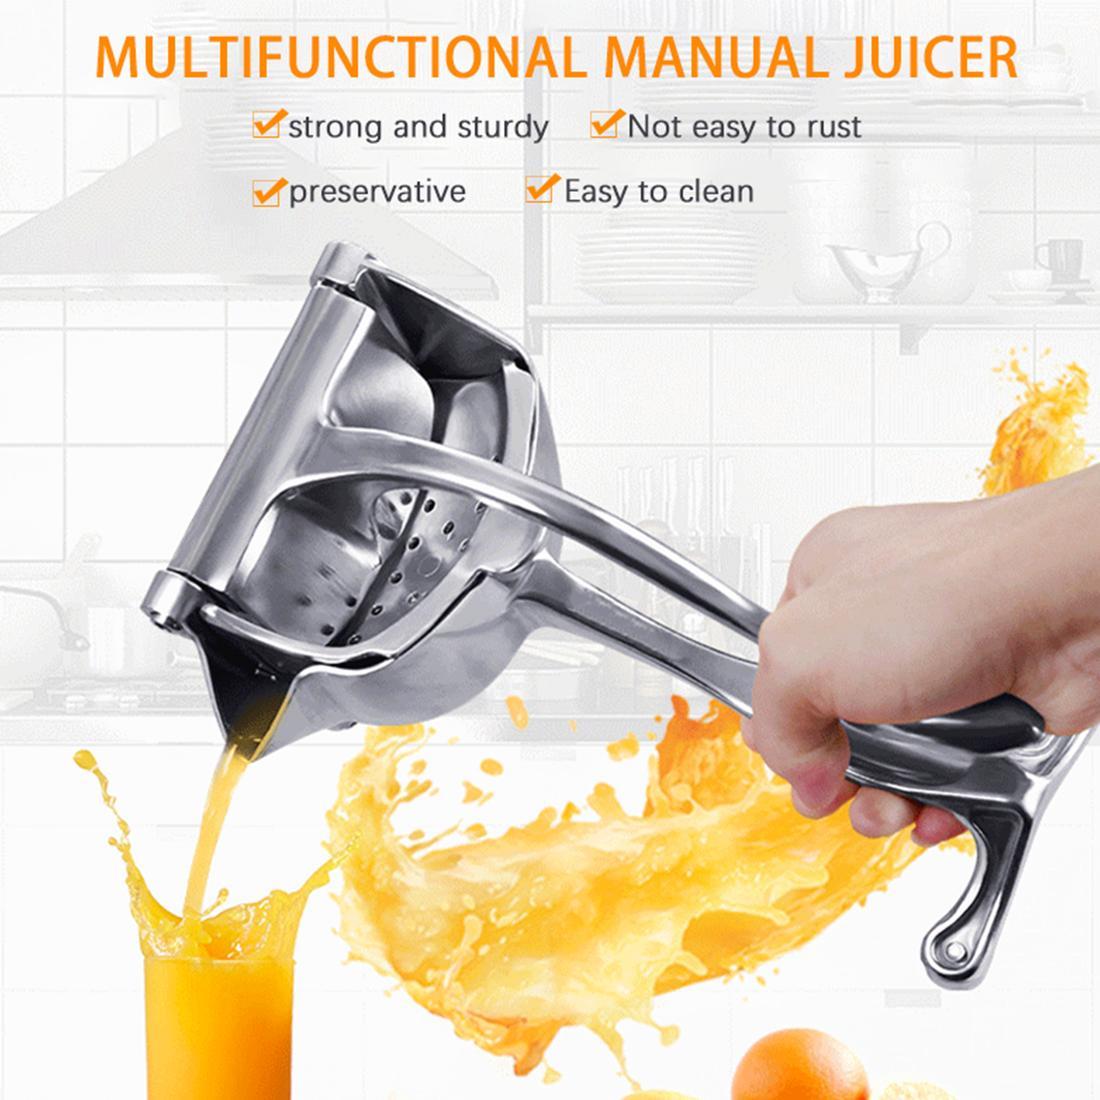 سبائك كبير دليل Juicer- الألومنيوم البندق الفواكه الليمون البرتقال عصارة النازع أداة سهلة الاستخدام